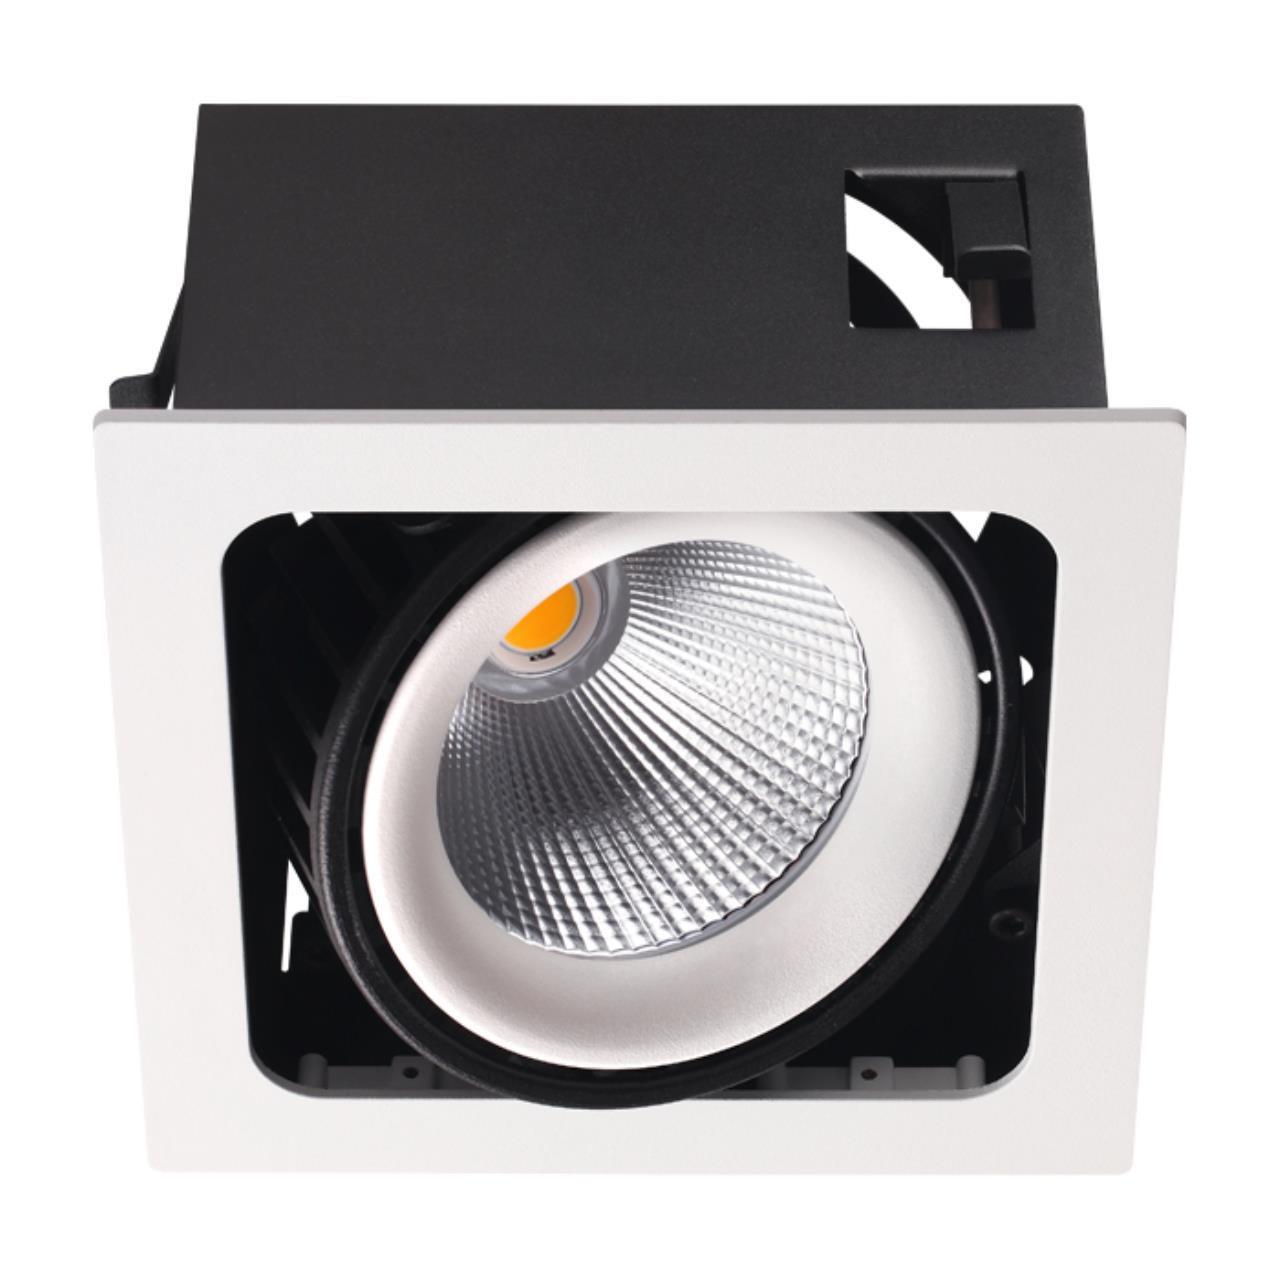 358037 SPOT NT19 082 белый/черный Встраиваемый карданный светильник IP20 LED 3000К 32W 220V GESSO